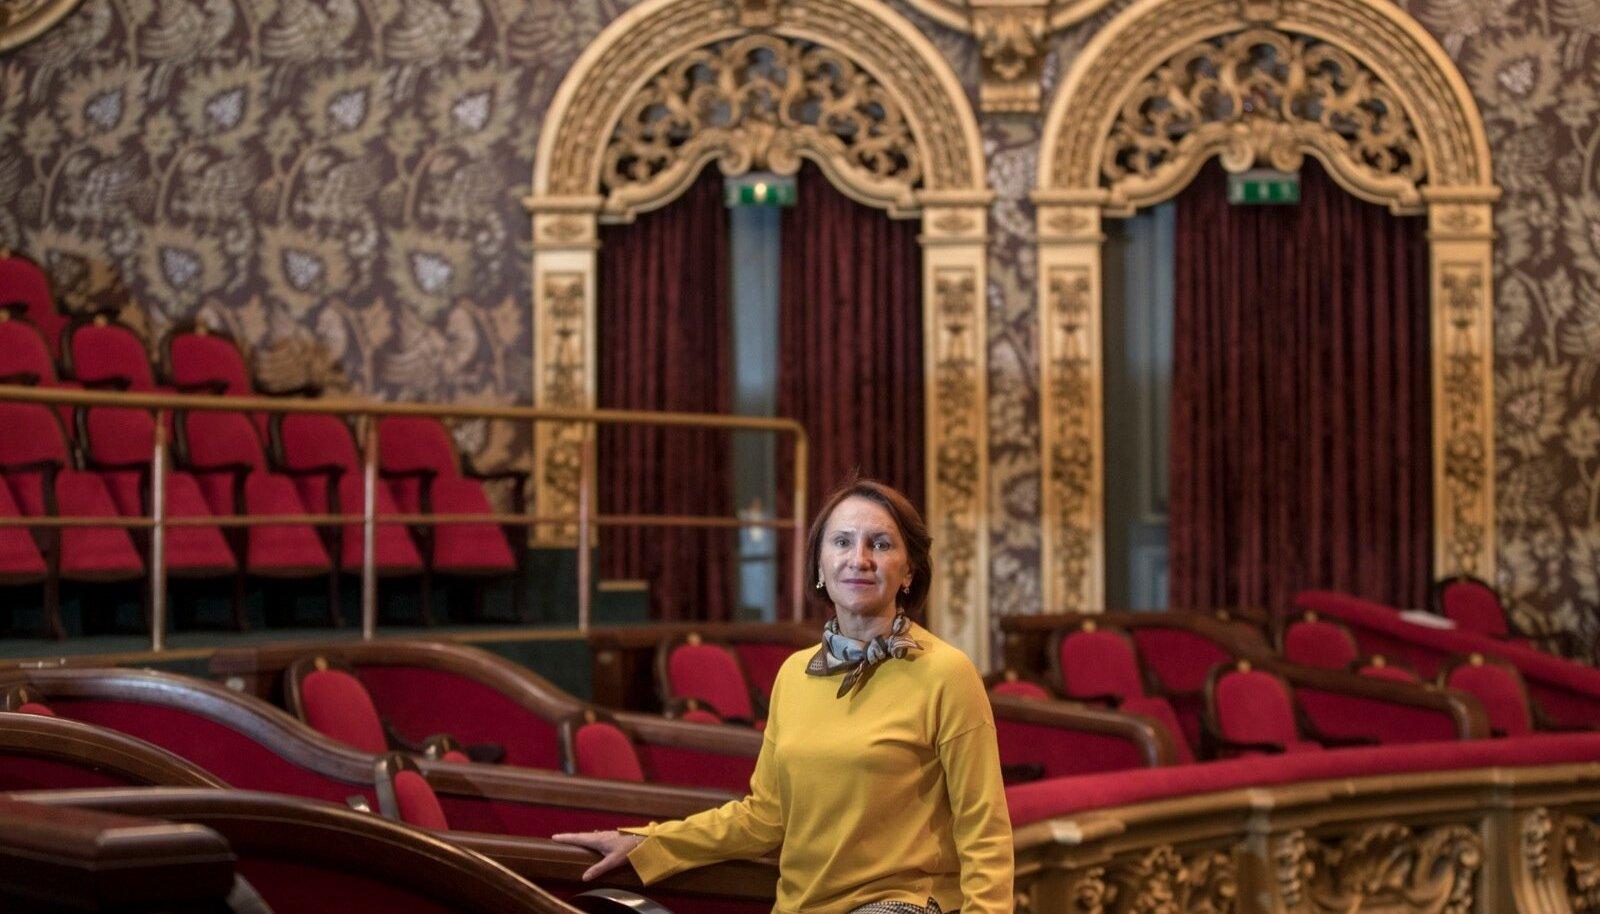 Festivali Kuldne Mask peakorraldaja Svetlana Jantšek ütleb, et Venemaa mõlemas pealinnas on surnud teatrimonstrumeid – riiklikud teatrid, milles aeg on seisma jäänud.